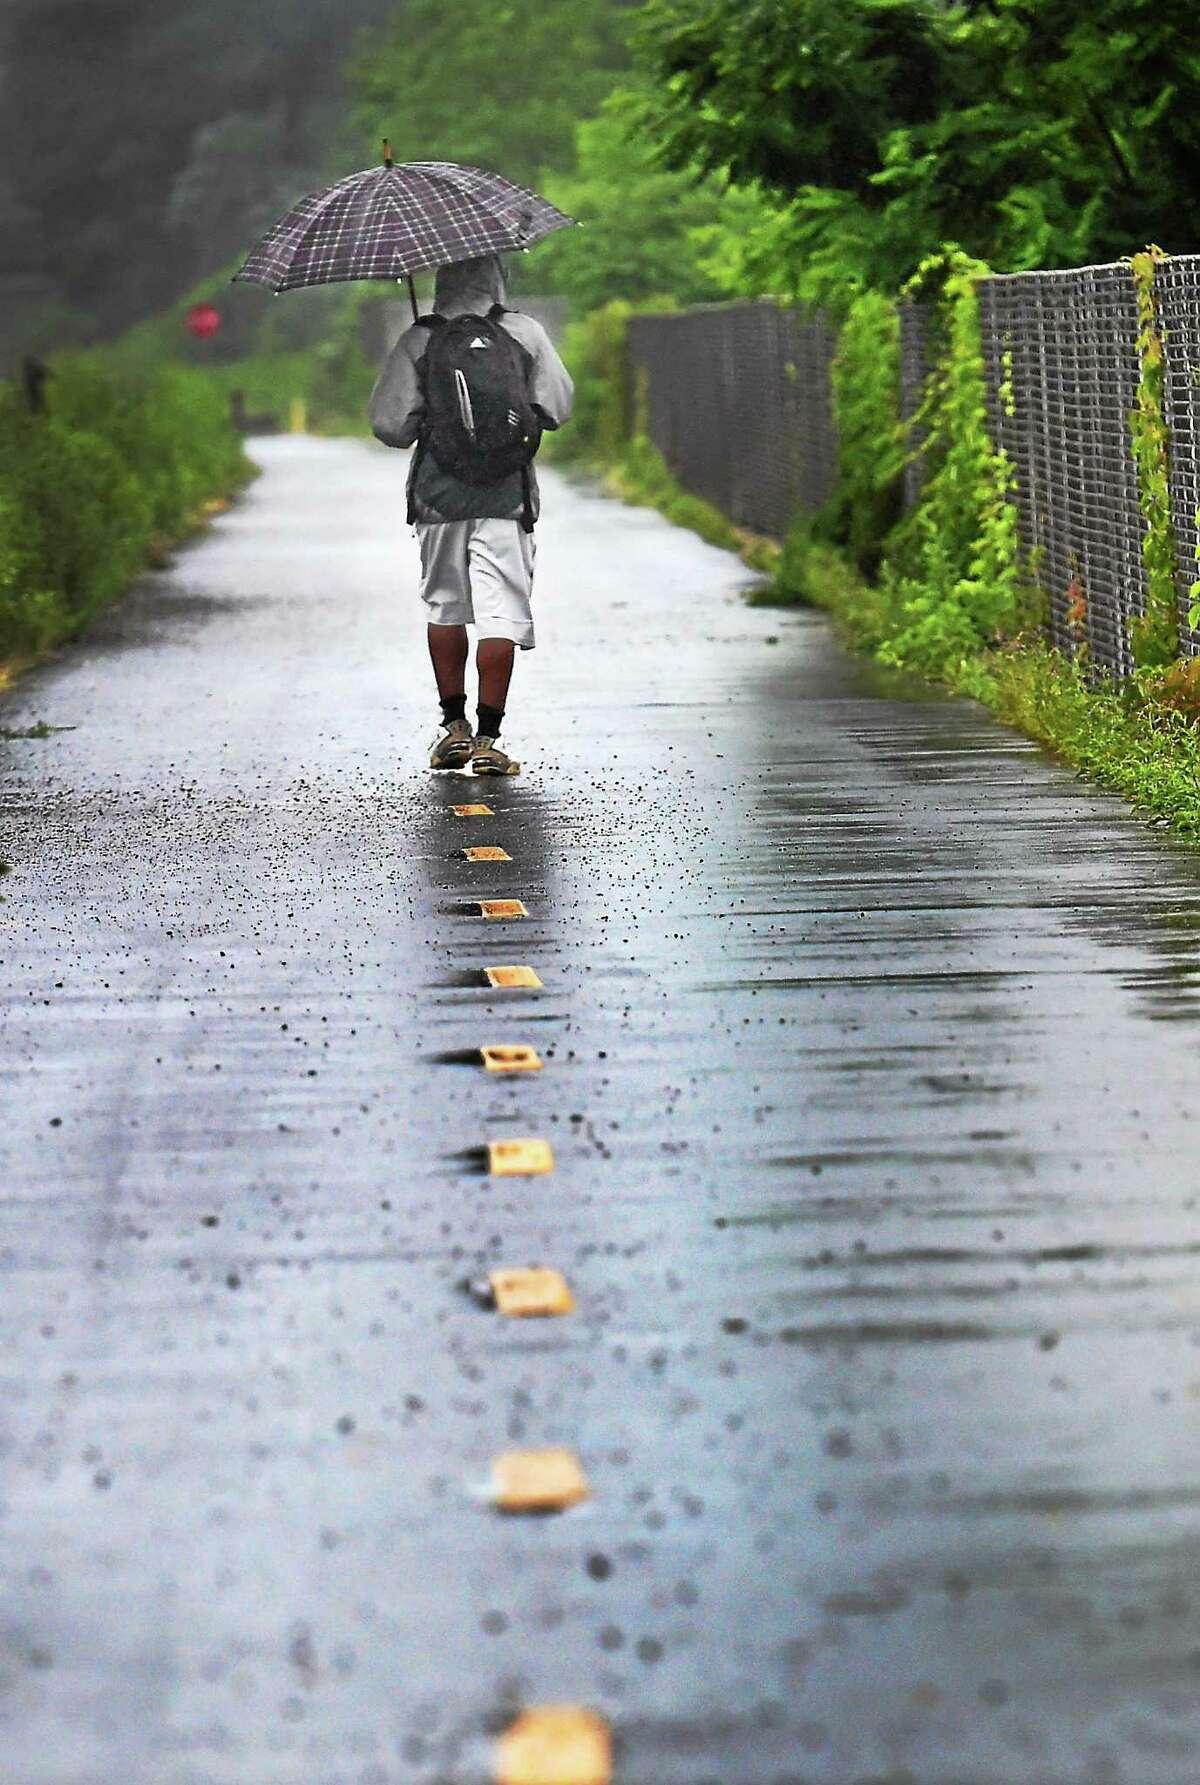 Cedric Gamble of Hamden, 30, walks in the rain June 15 along the Farmington Canal Trail near Treadwell St. in Hamden.